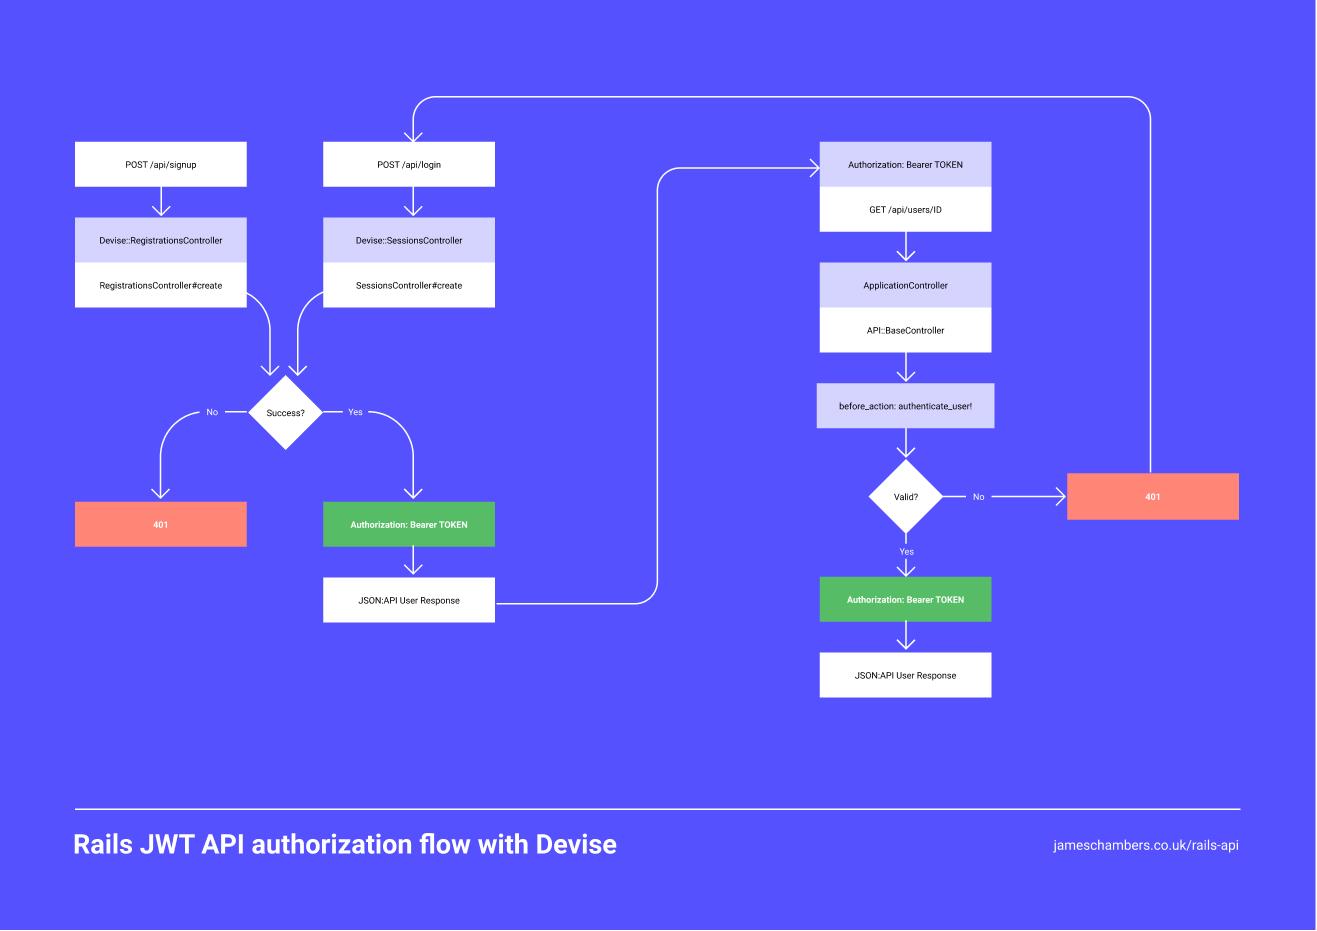 Rails API flow chart